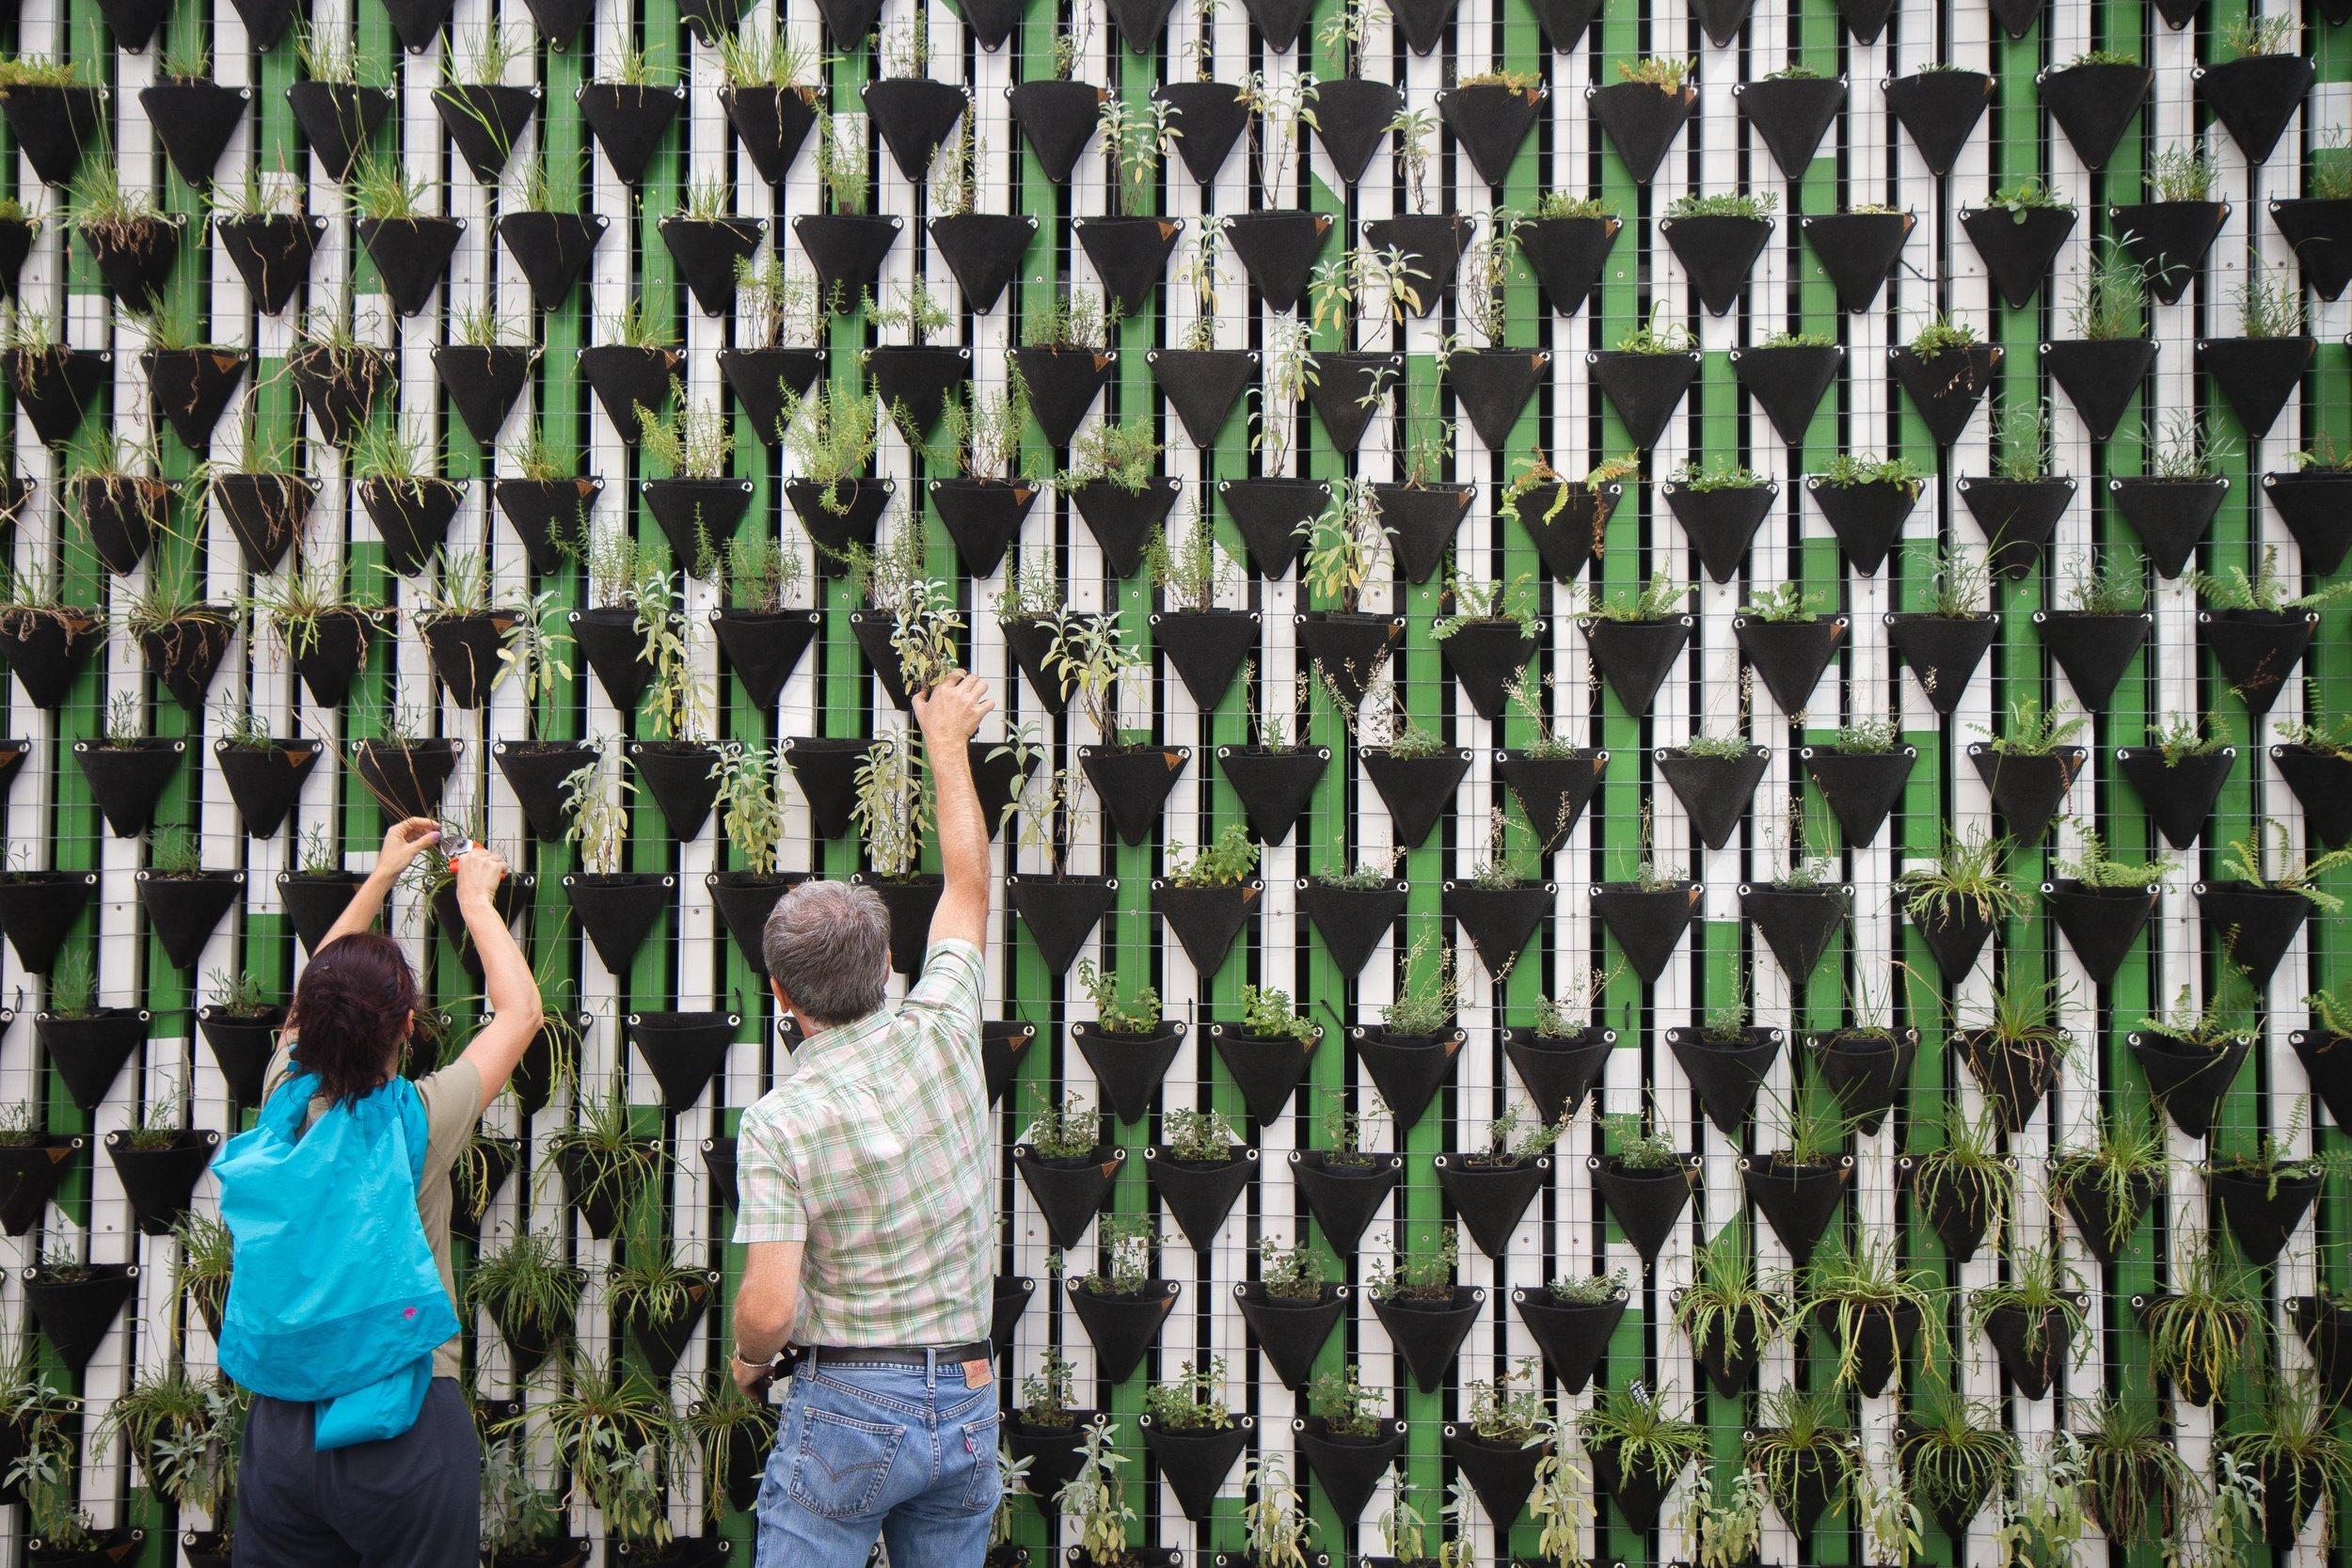 Build a public herb garden in the CBD -